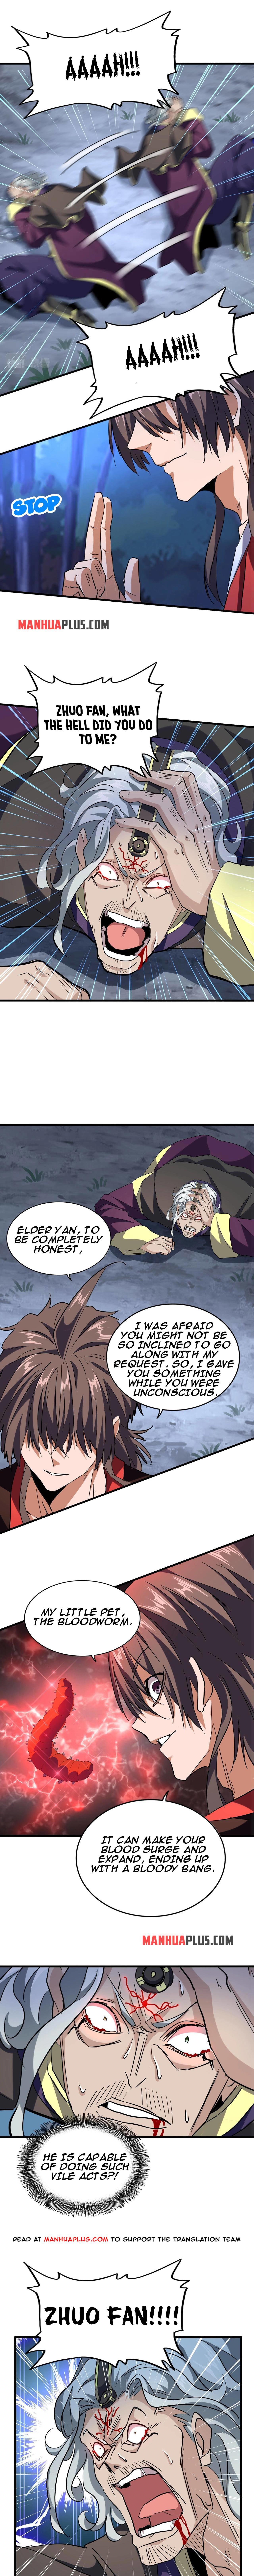 Magic Emperor Chapter 204 page 9 - Mangakakalots.com